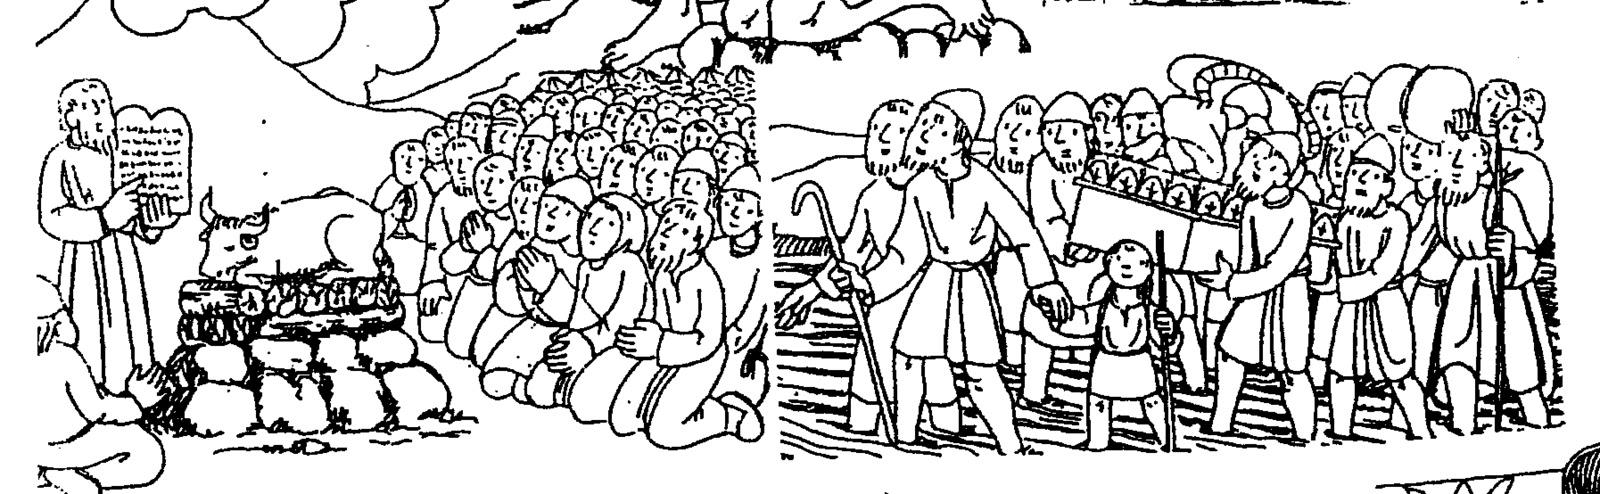 MI CARPETA DE TERCERO: TEMA 3: LA BIBLIA, UN LIBRO SAGRADO